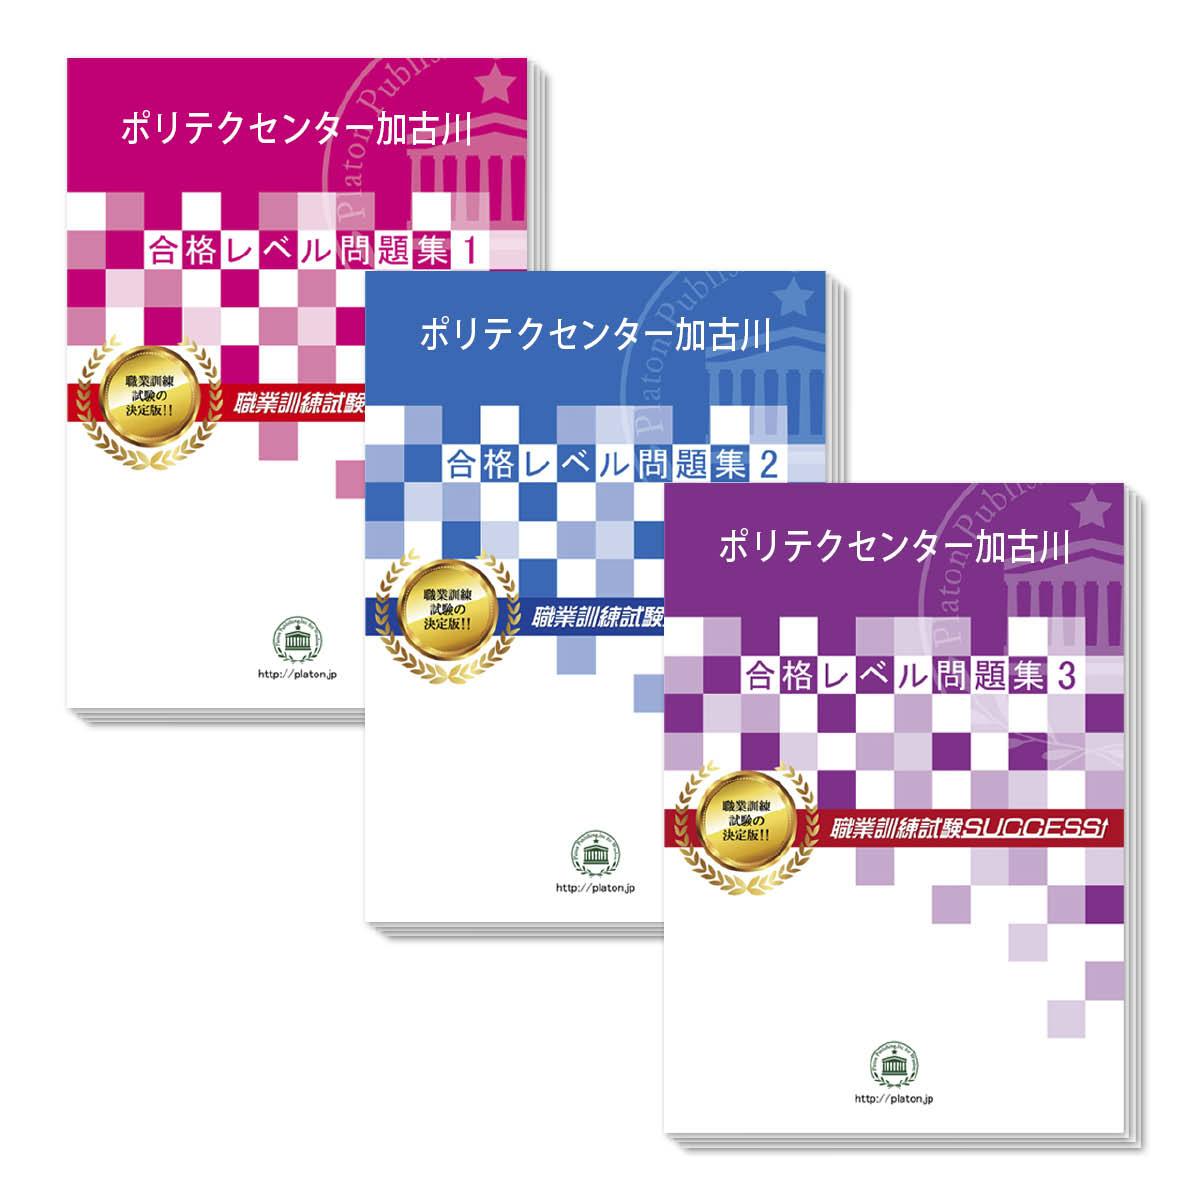 送料 人気商品 代引手数料無料 ポリテクセンター加古川 受験合格セット問題集 3冊 お値打ち価格で